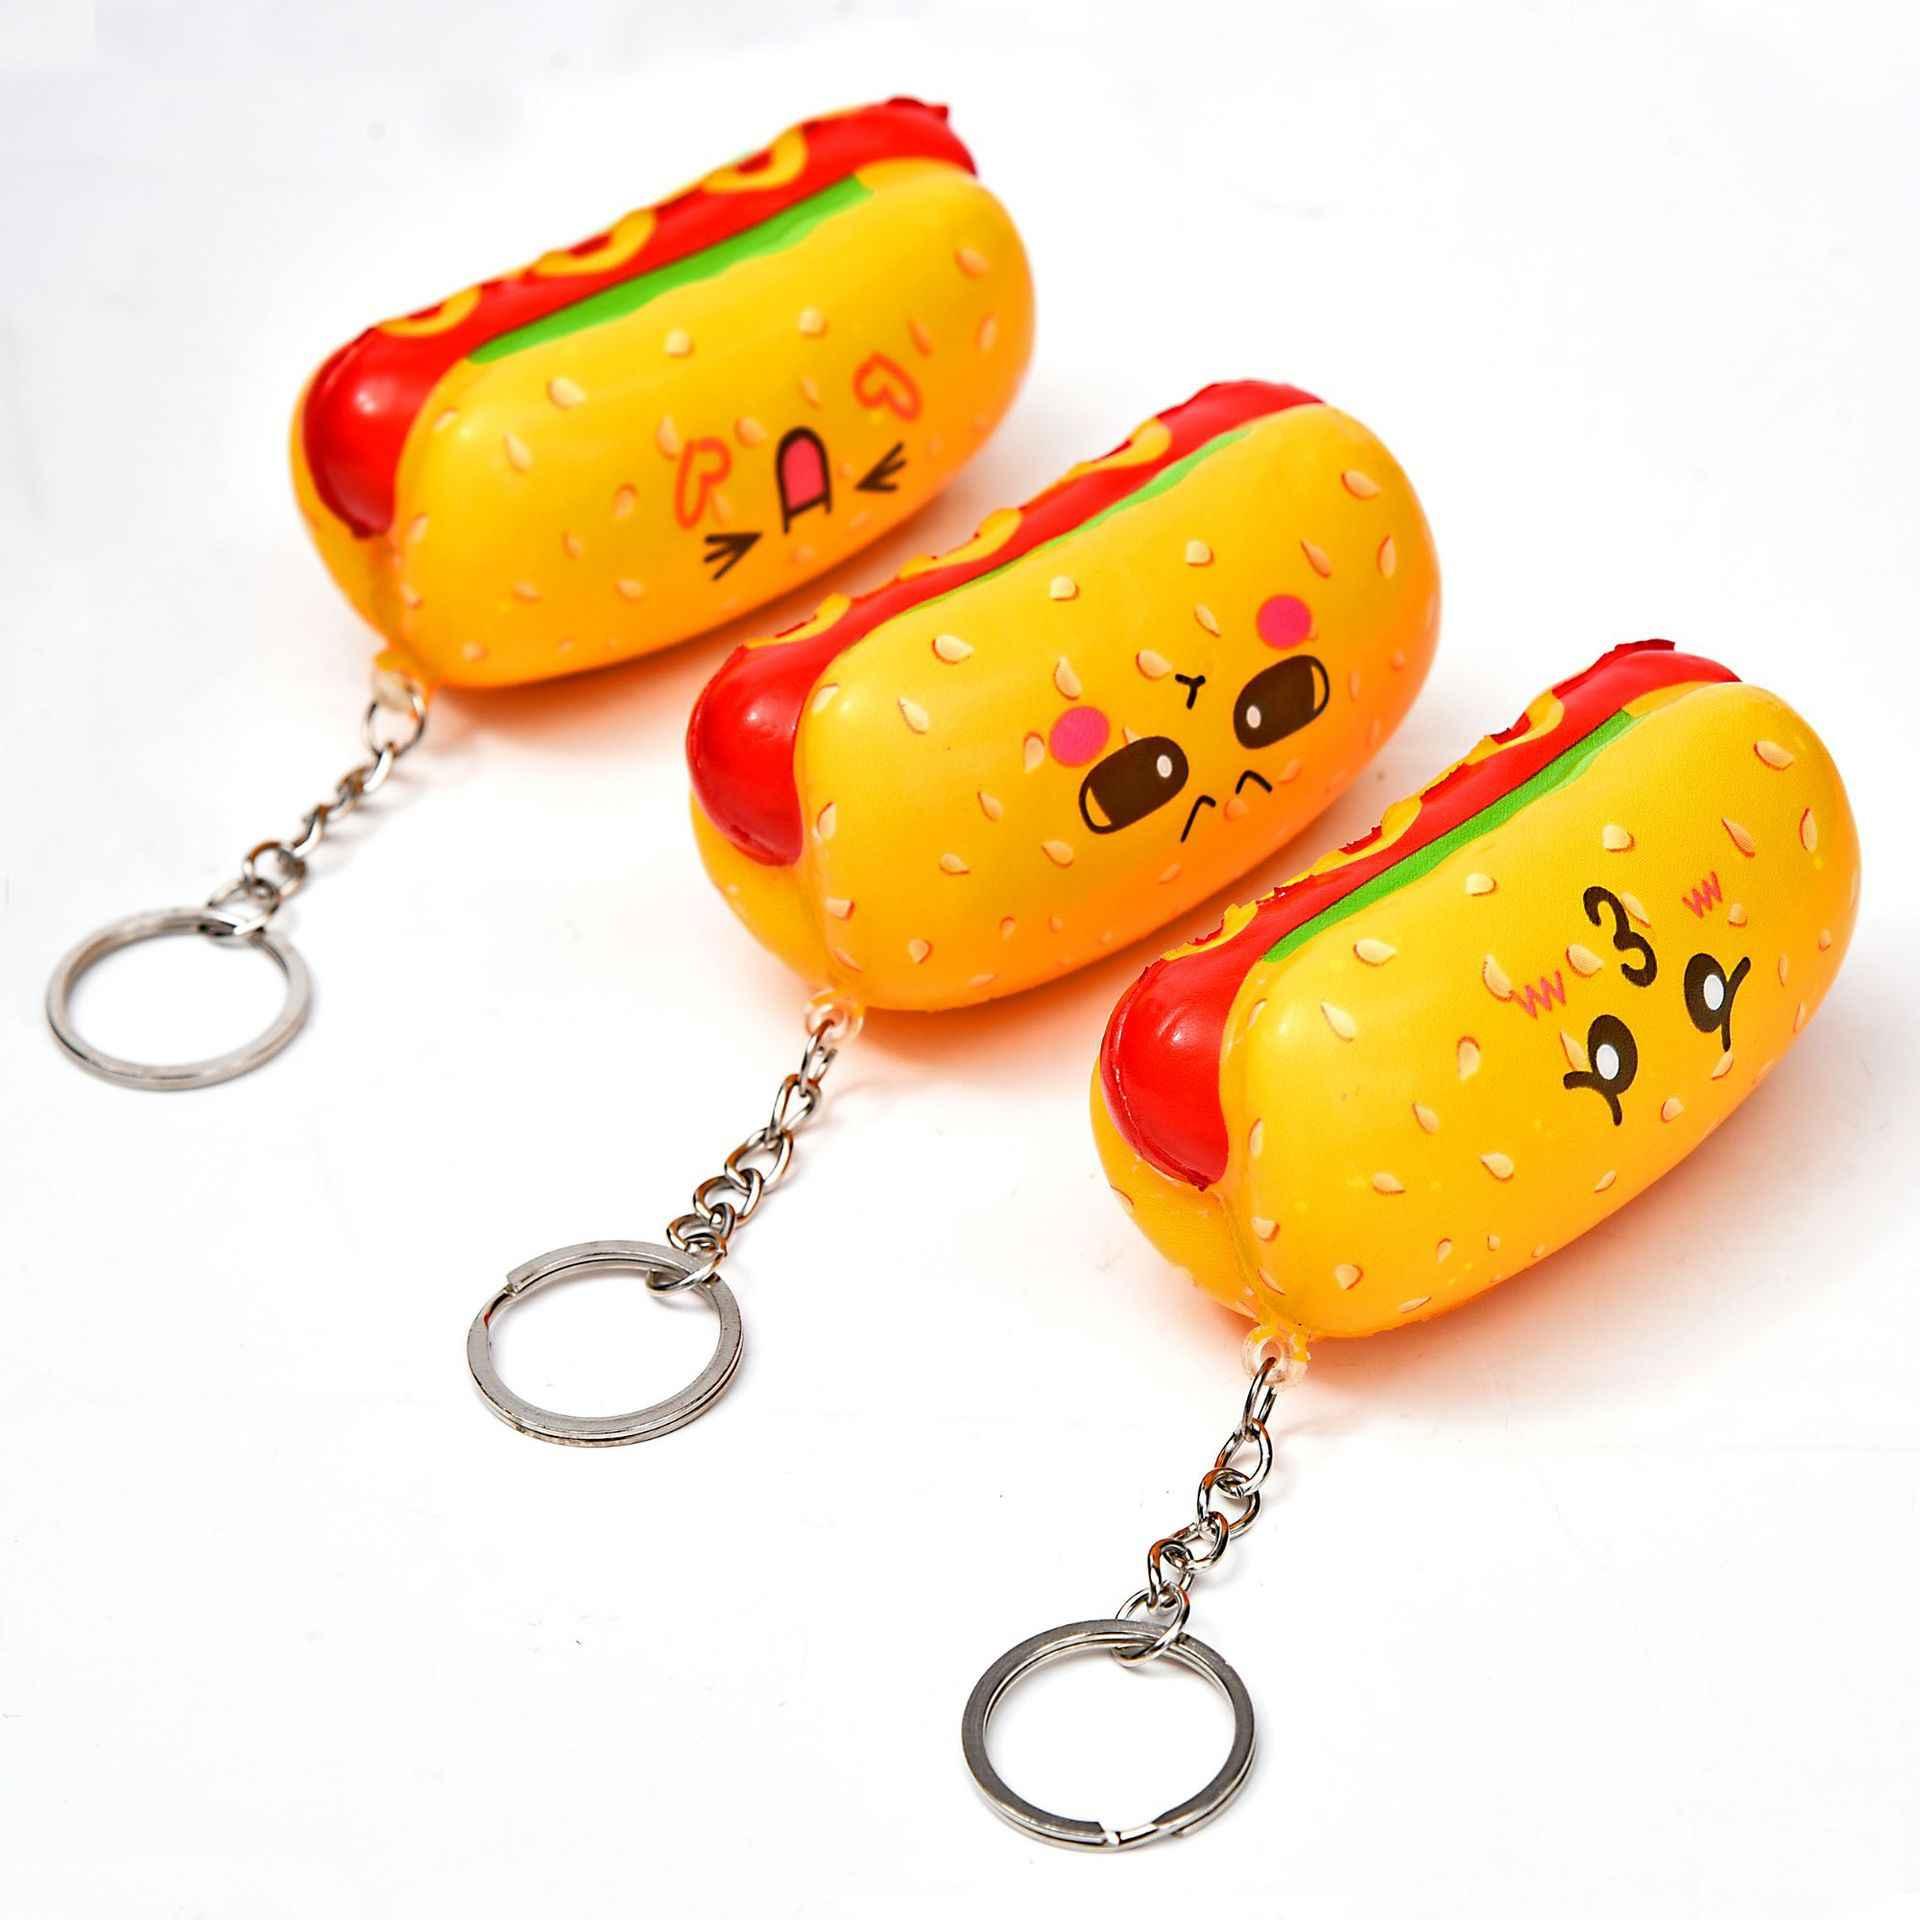 Antistress Squishies Squishy Lento Subindo Gadgets Funny Kids Stress Relief Bonito Keychain do PLUTÔNIO Novo Aperto Squichies Brinquedos Da Novidade